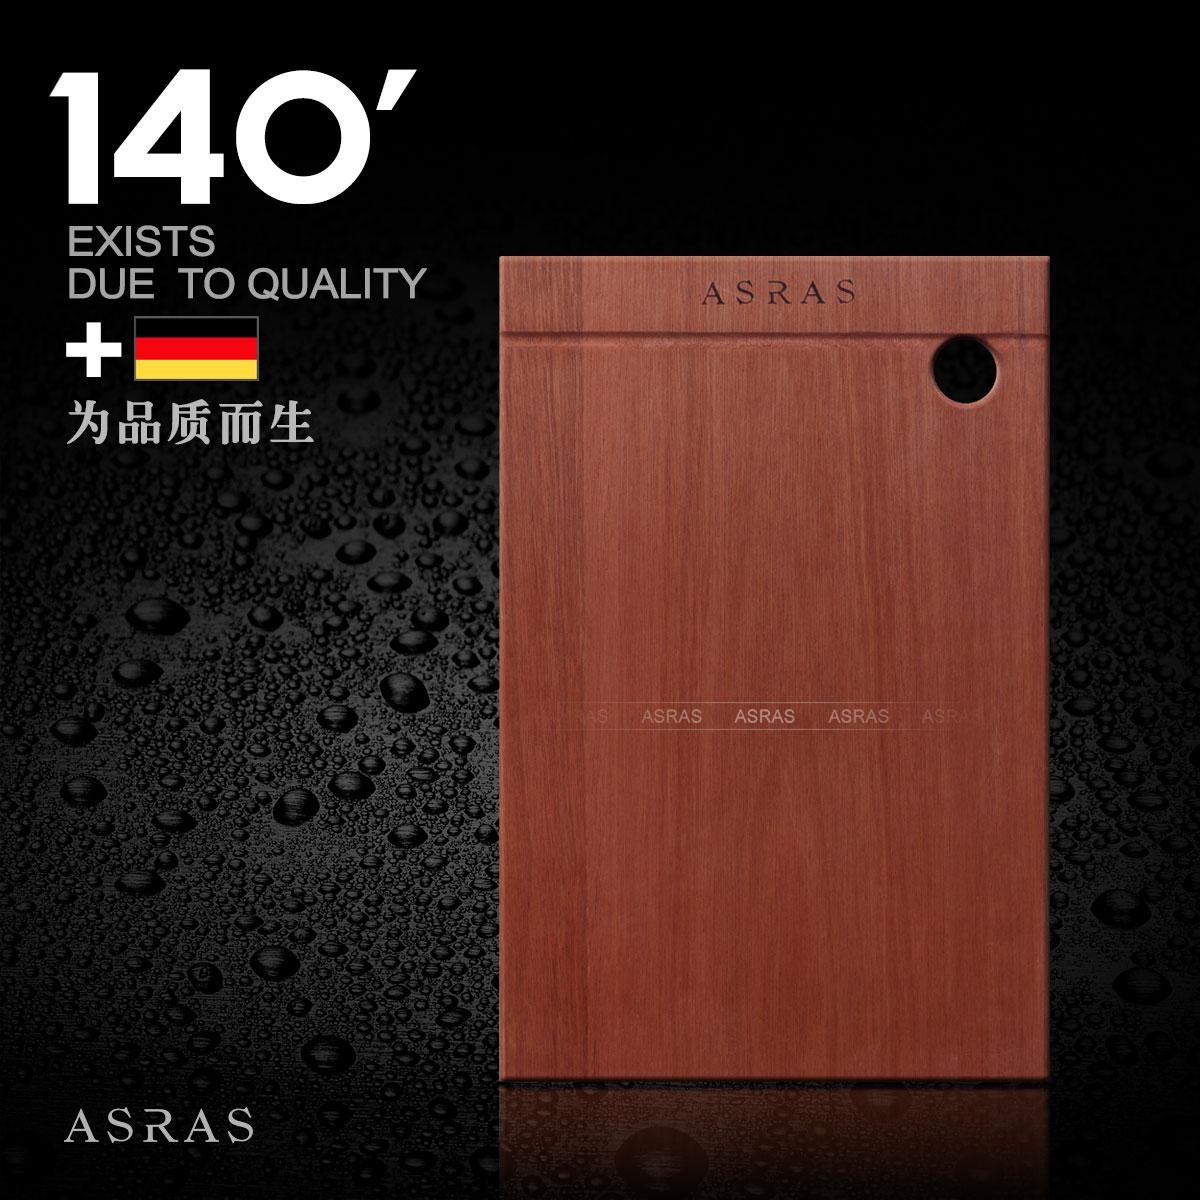 阿萨斯水槽天然实木沙比利红木菜板AS-M36